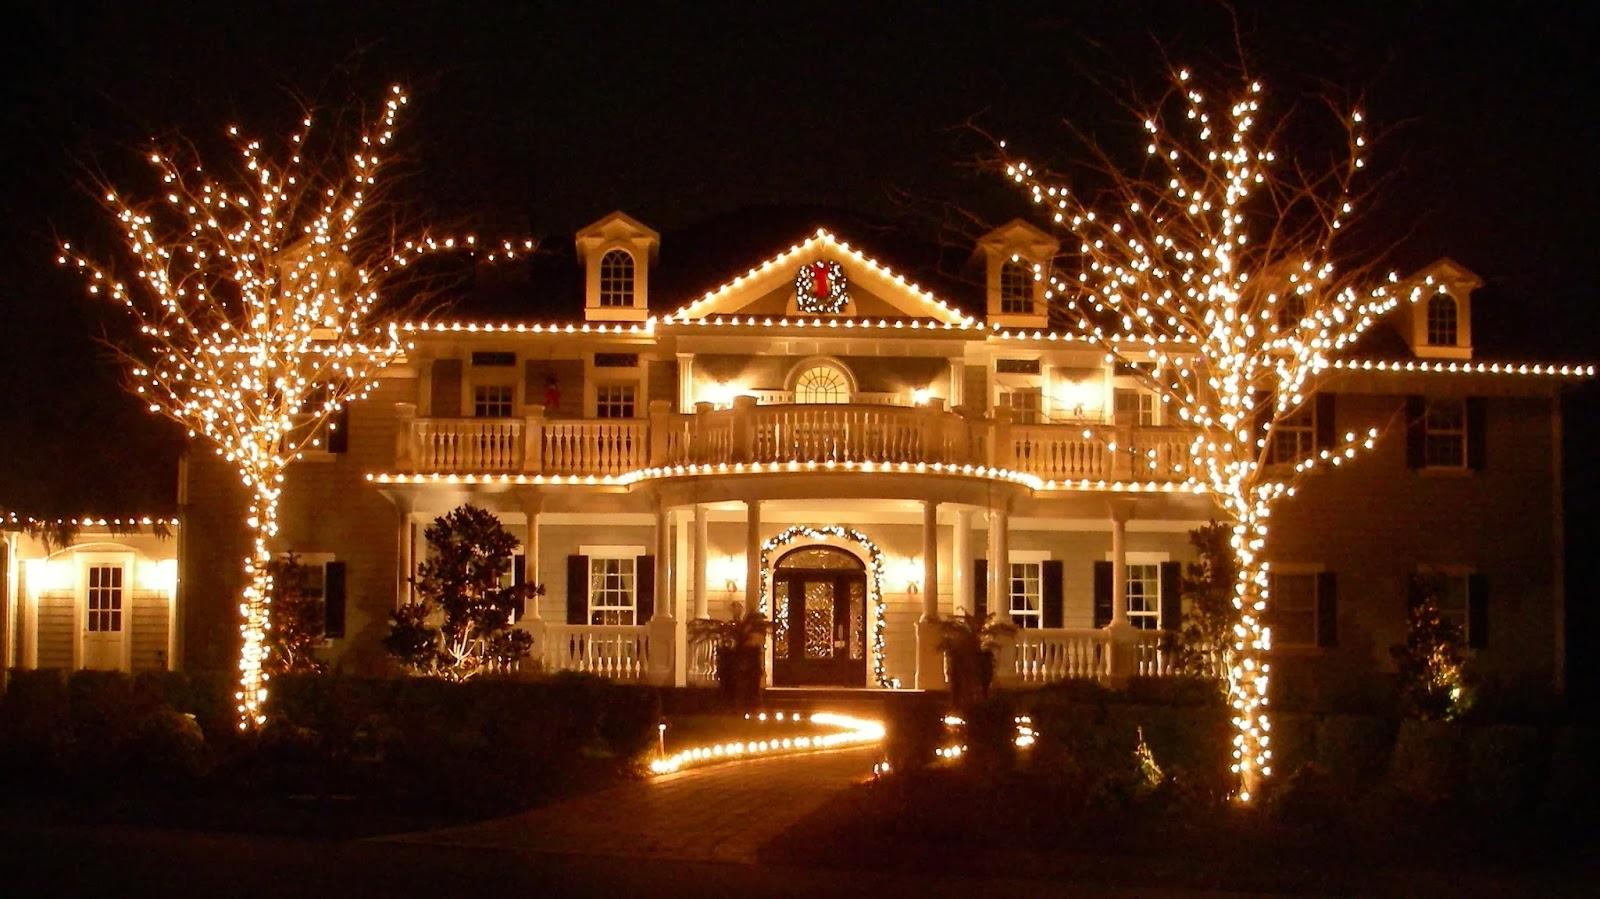 Carpenter house carpenter house casas decoradas para - Casas decoradas en navidad ...